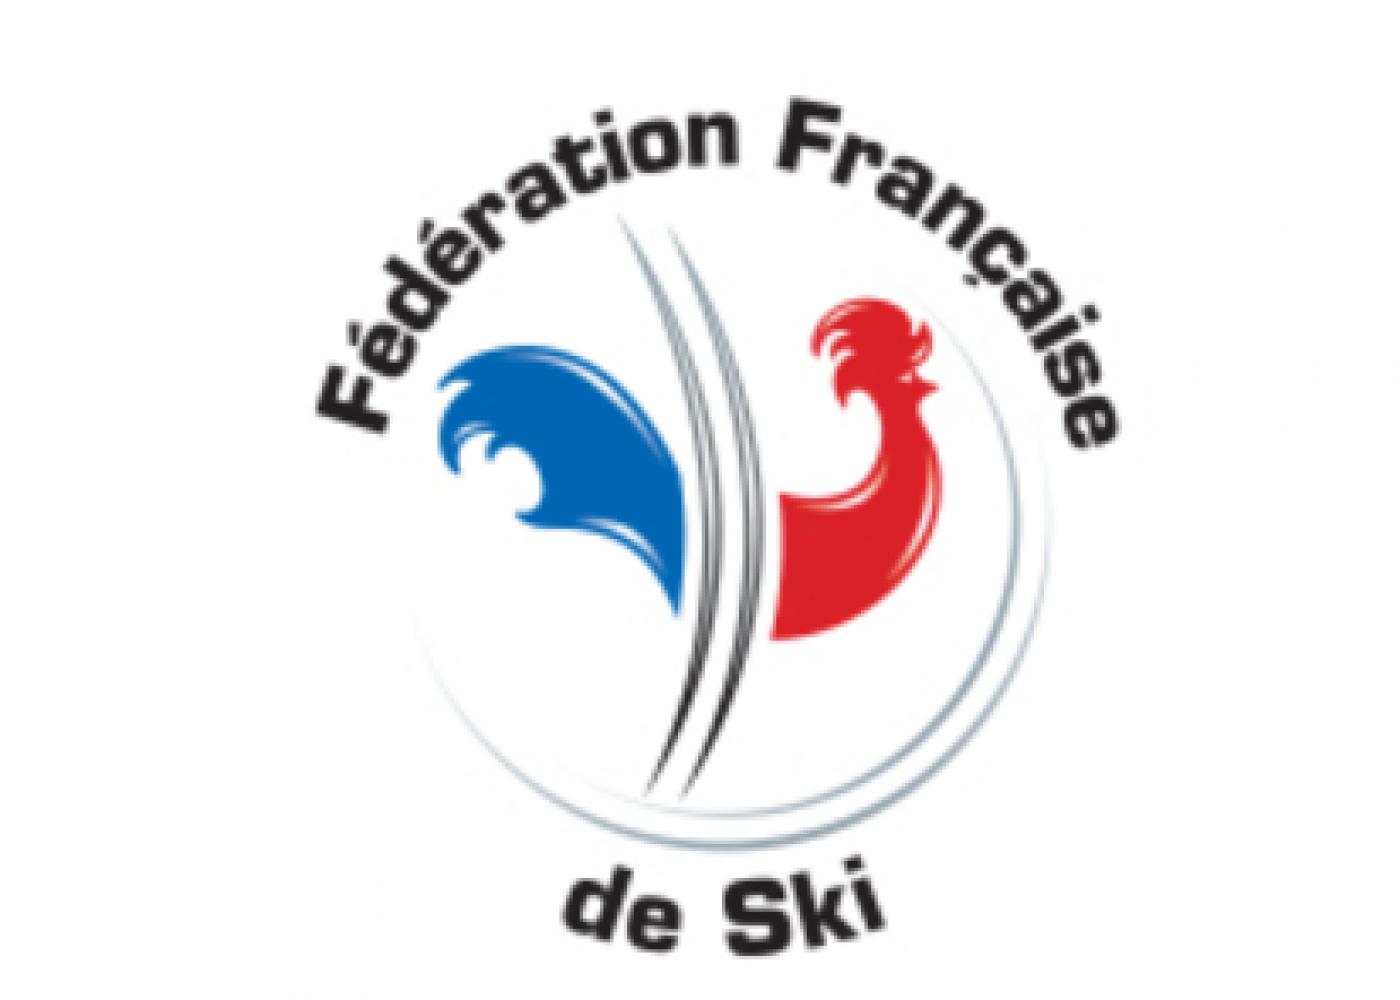 Règlement FFS d'accès aux sites de biathlon